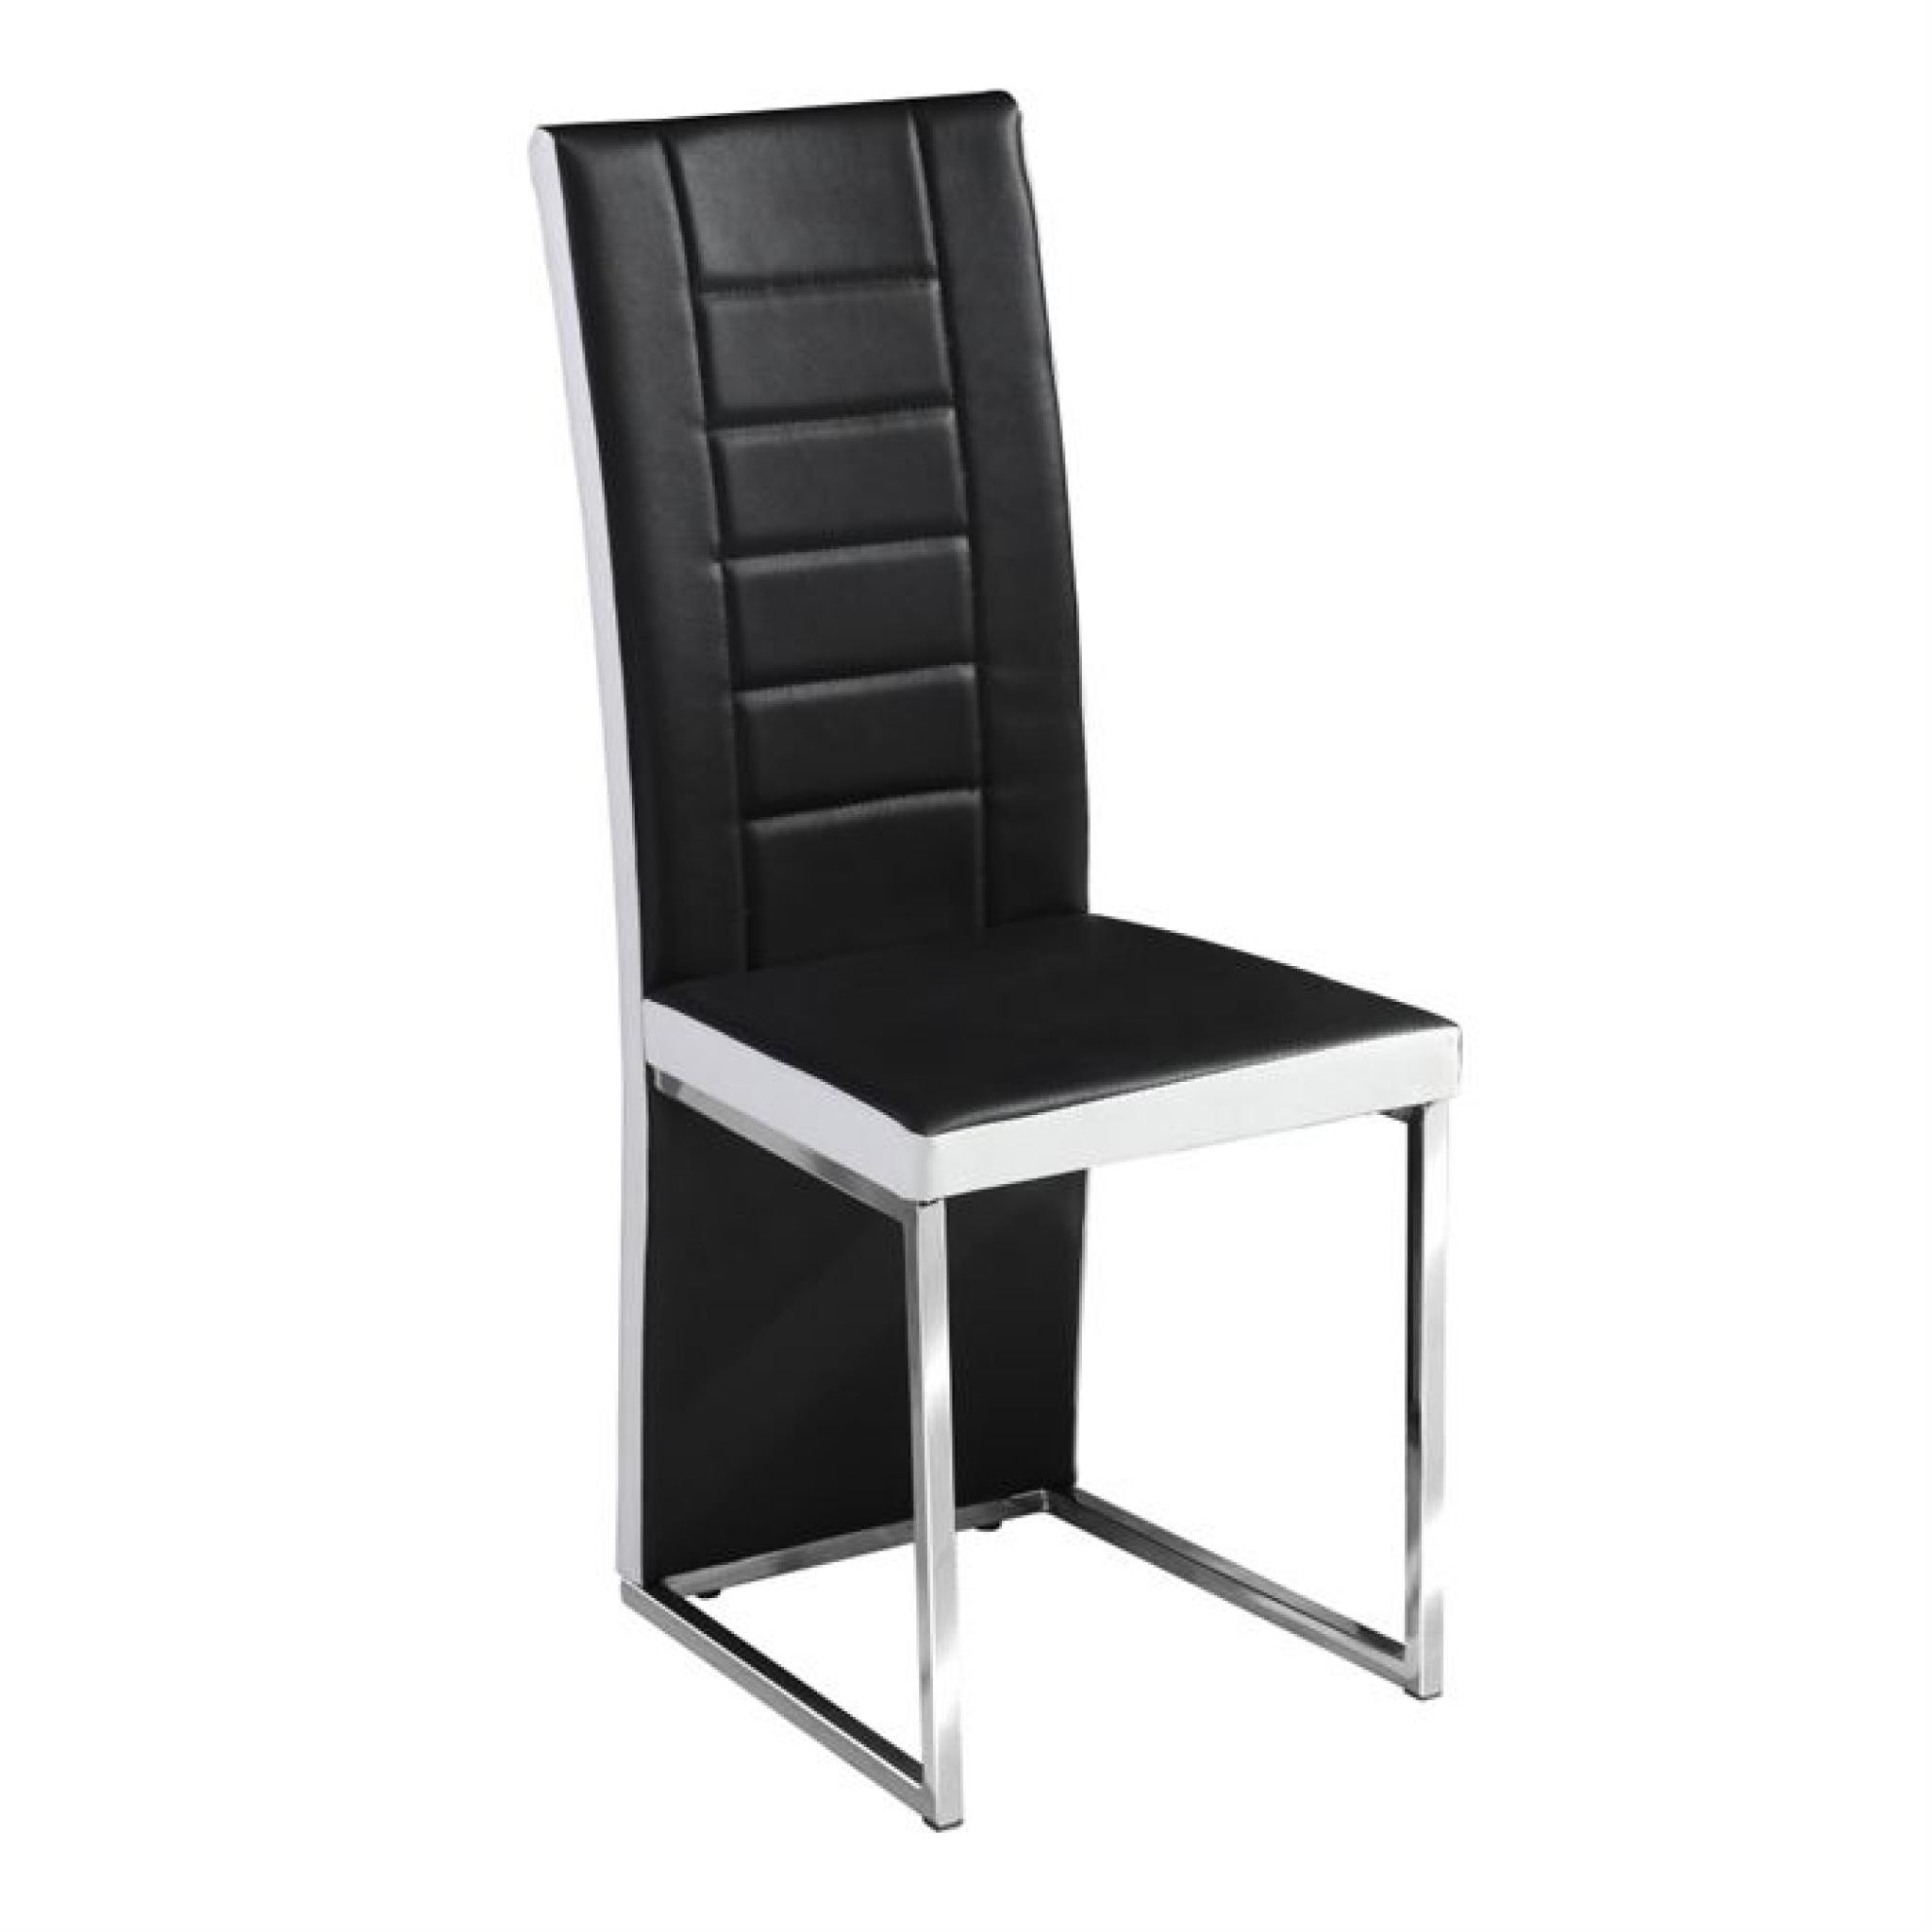 chaises design pu noir et blanc kuantan par4 achat vente chaise salle a manger pas cher couleur et design fr